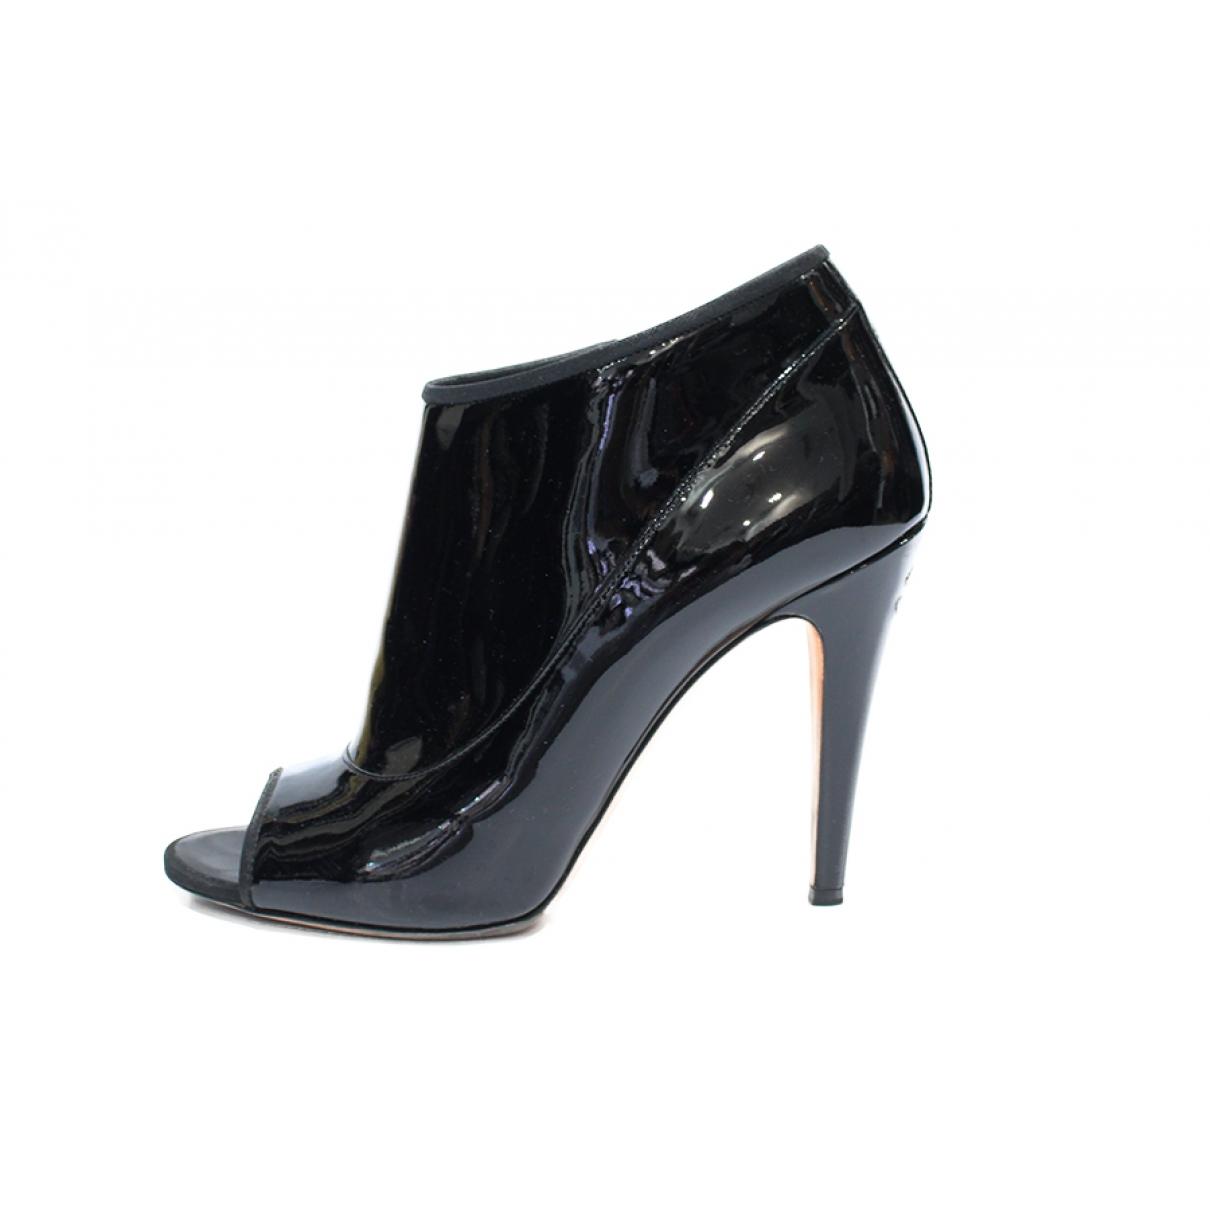 Chanel - Boots   pour femme en cuir verni - noir